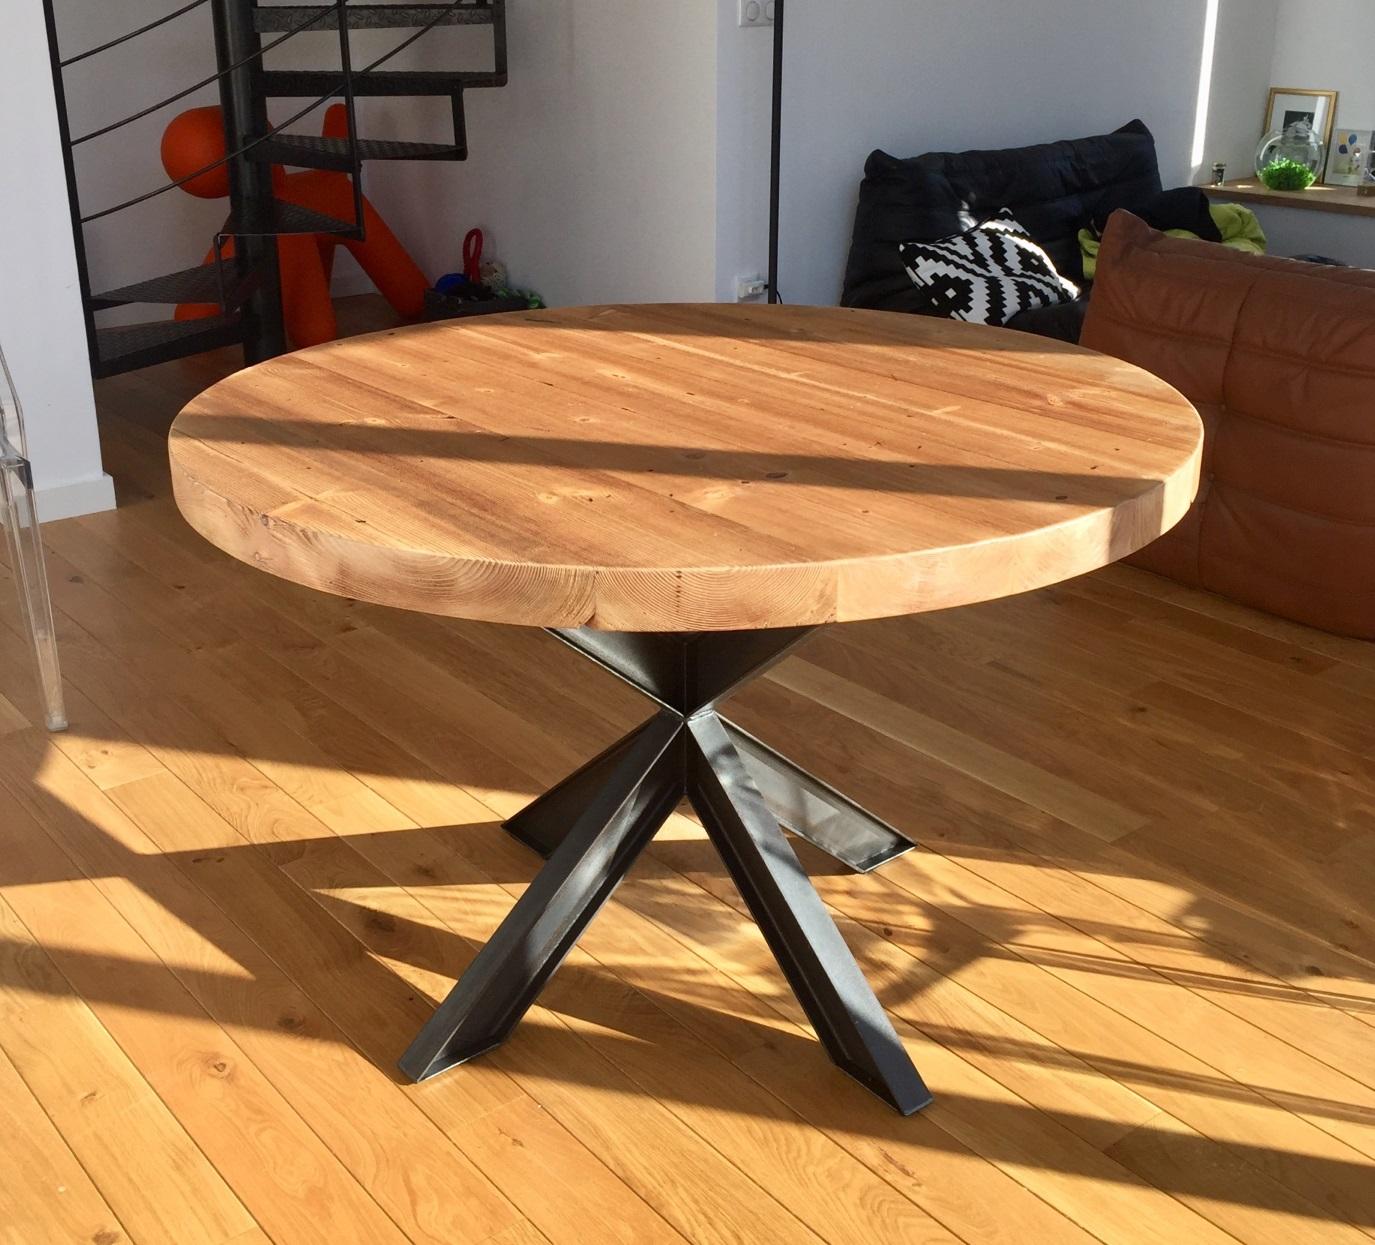 Tables hautes metalik bois meubles industriel dans la Table ronde 100 cm